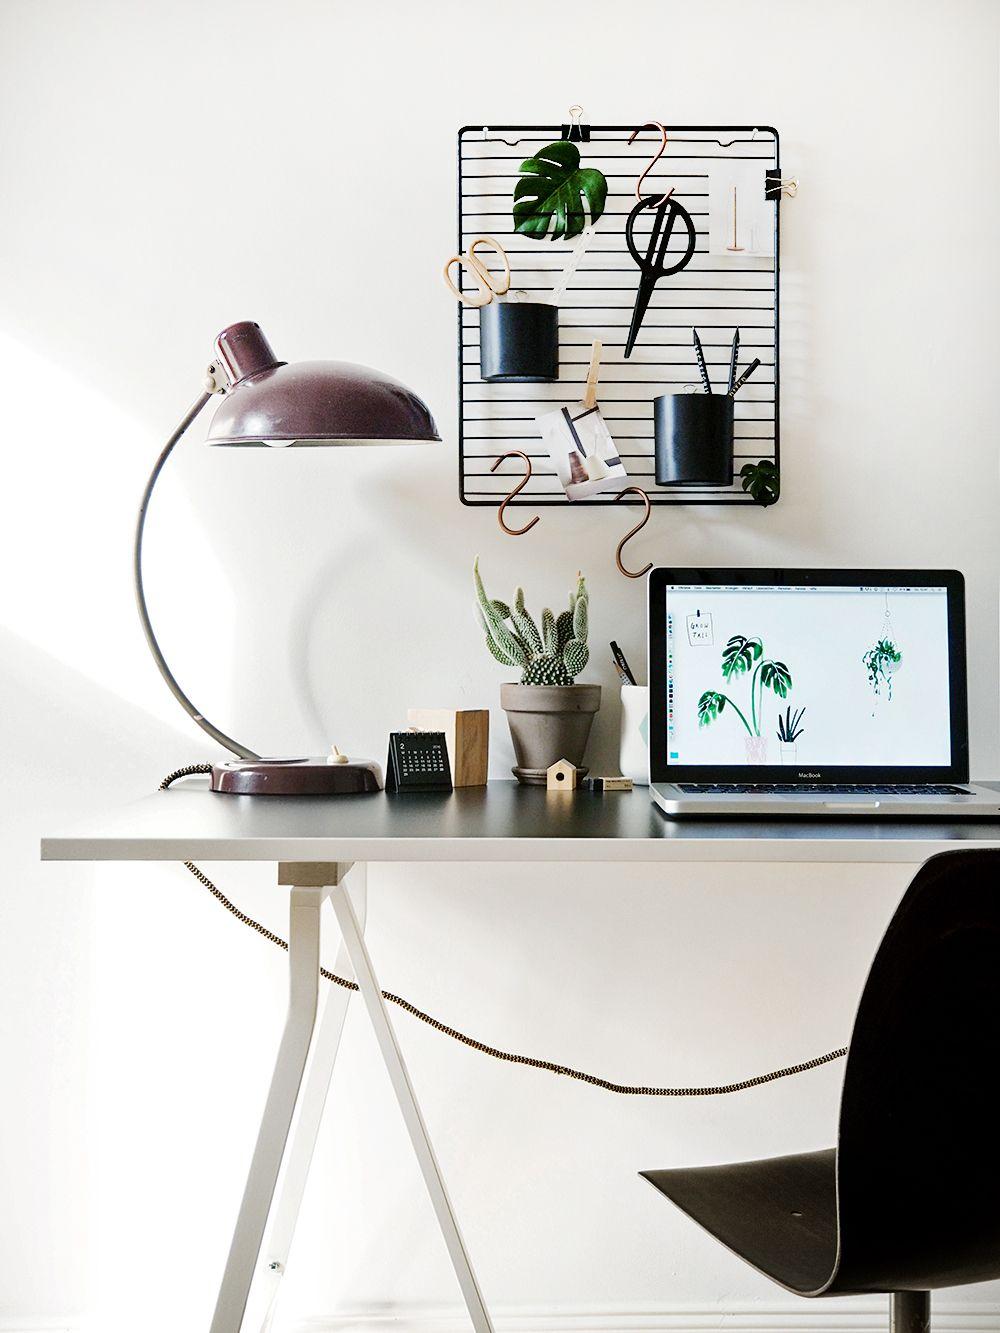 Industrial Schreibtisch so einfach so gut moderner diy schreibtisch organizer spaces